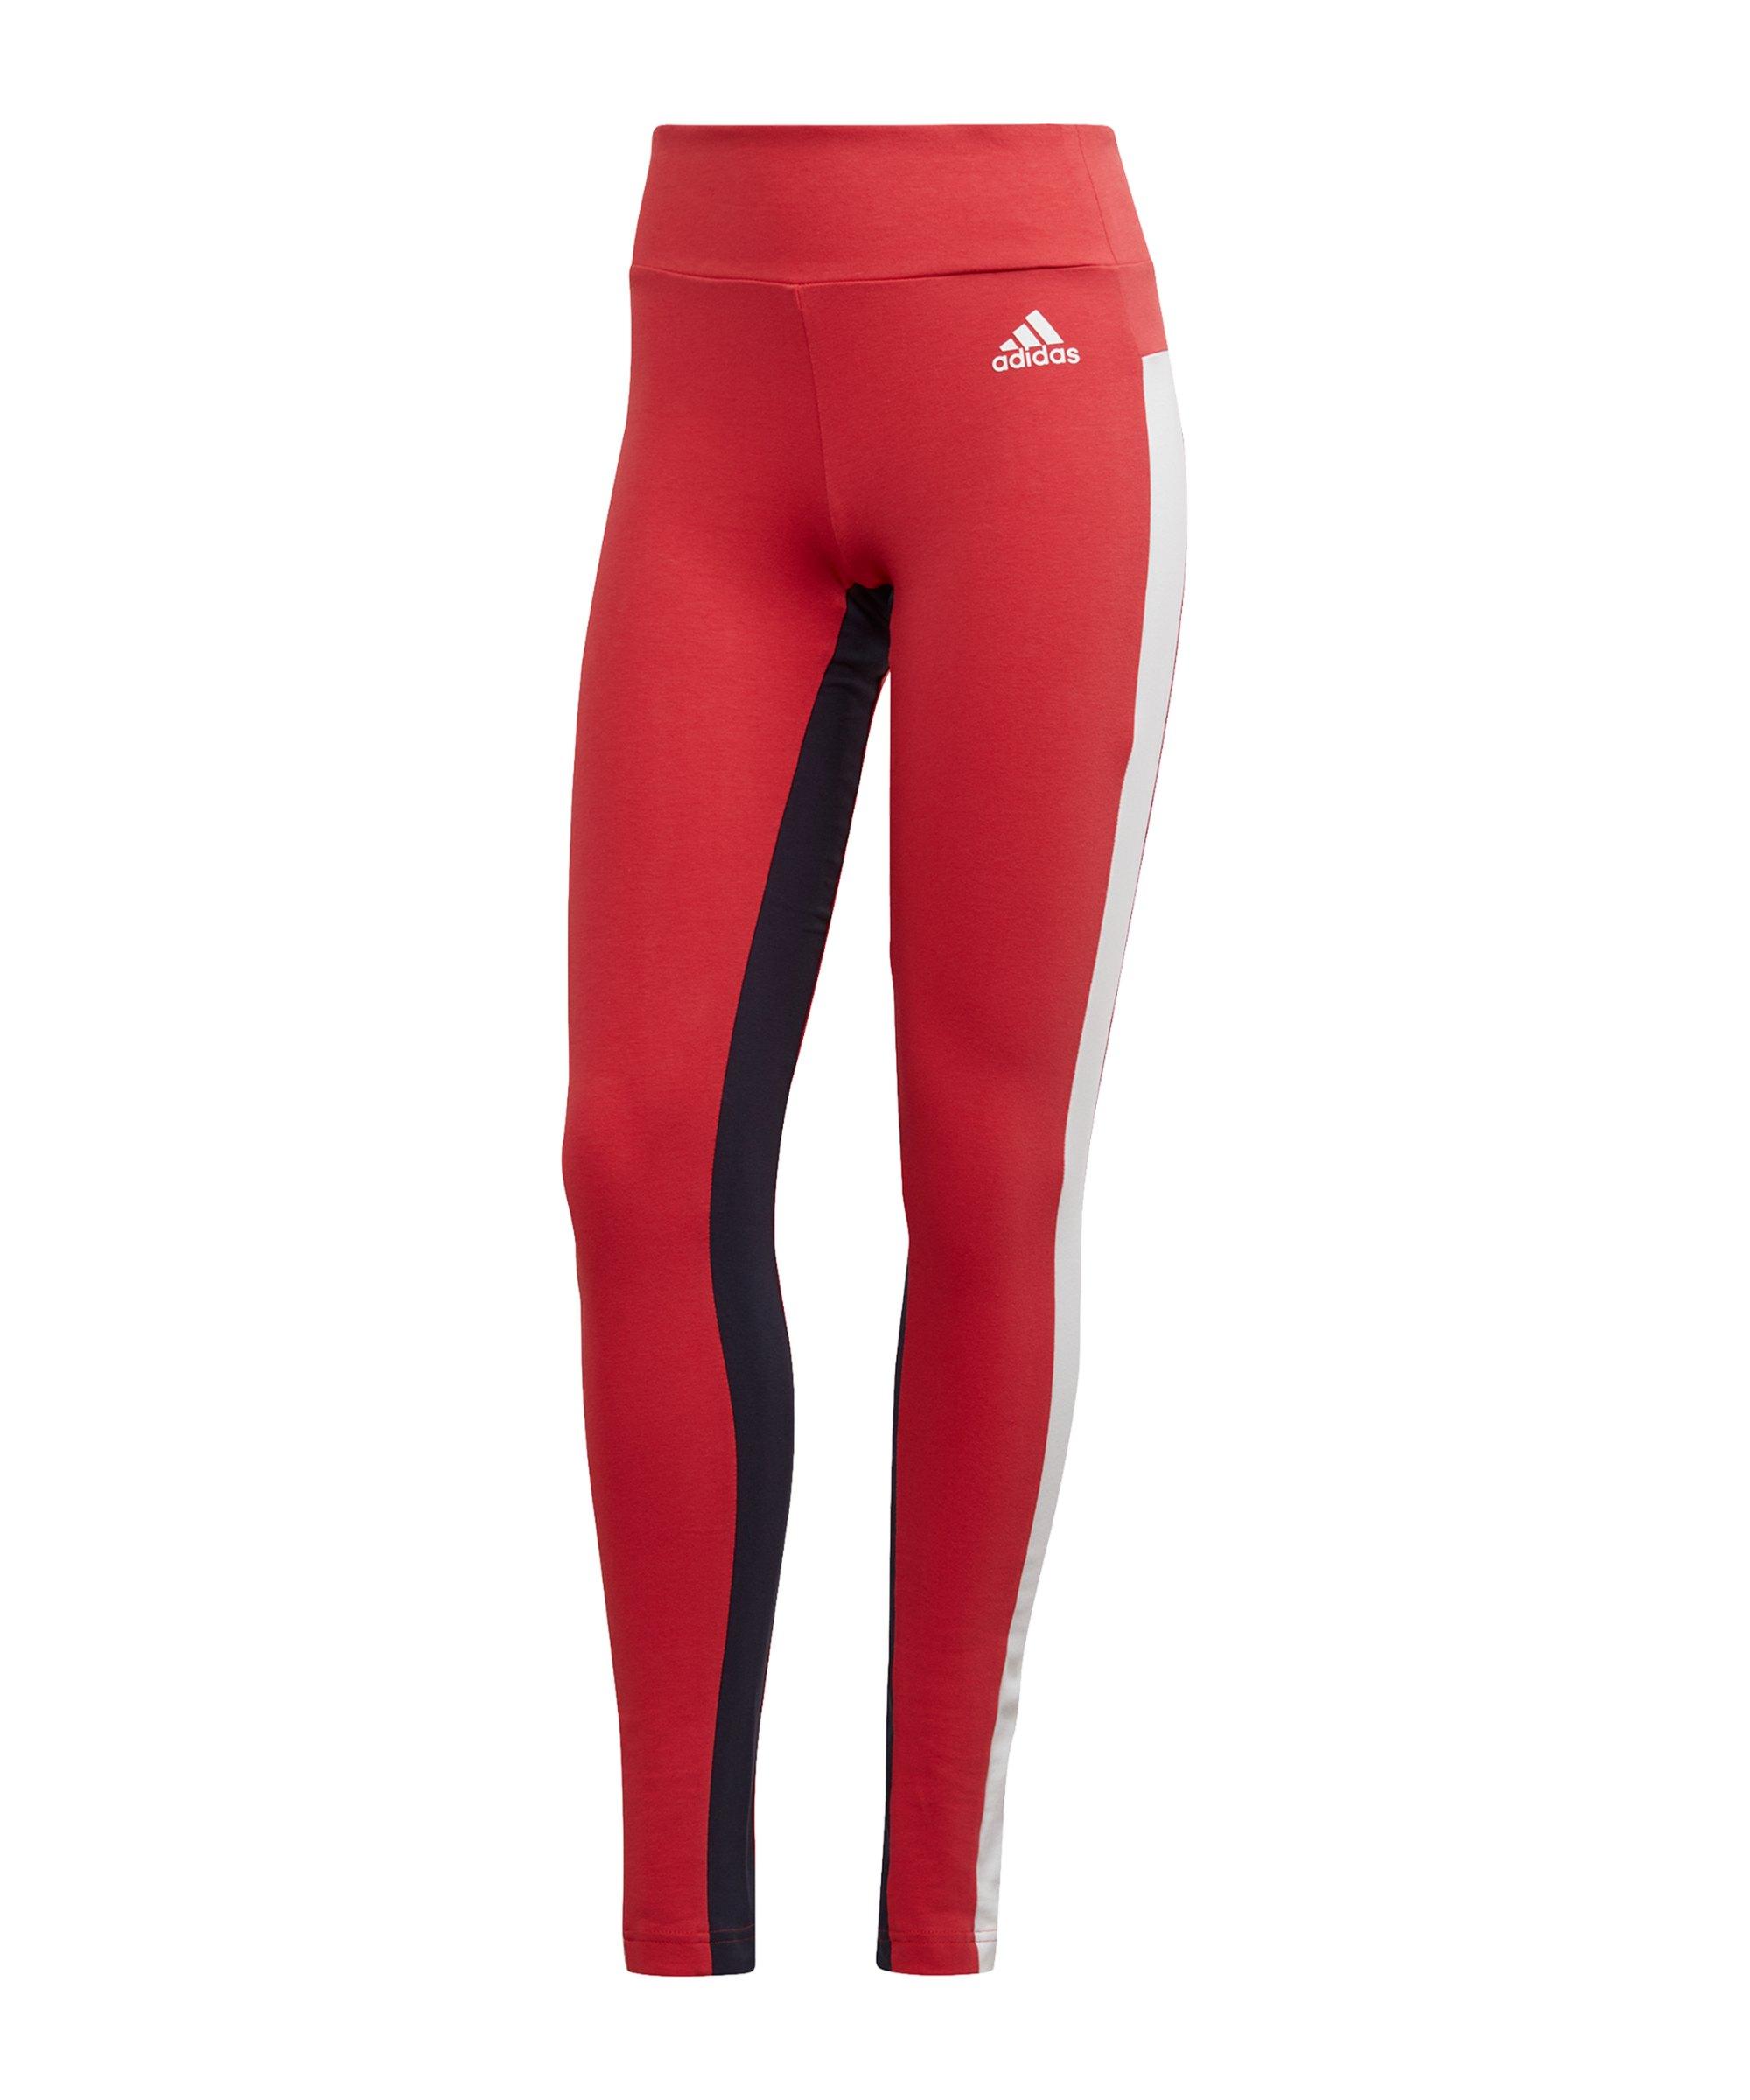 adidas SP Tight Damen Rot Weiss Schwarz - rot